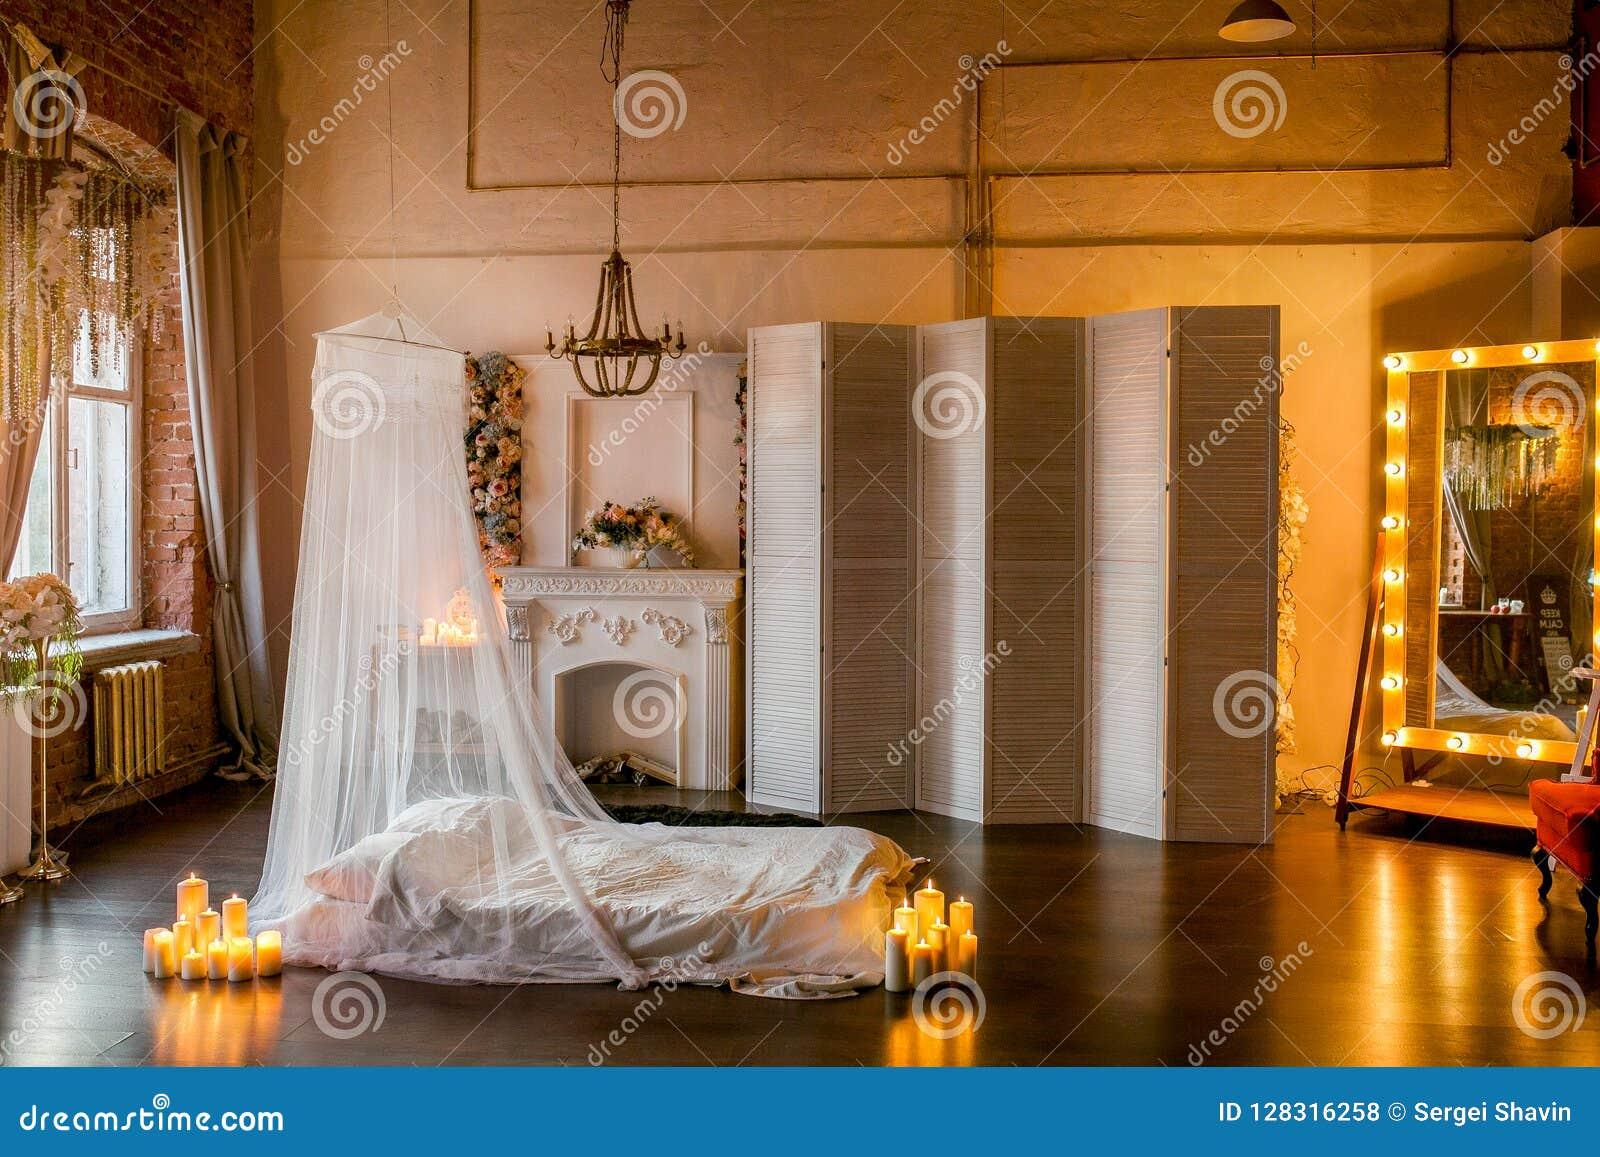 La pièce de style du grenier avec un lit, un auvent, une cheminée blanche avec une composition florale, un écran blanc, un grand